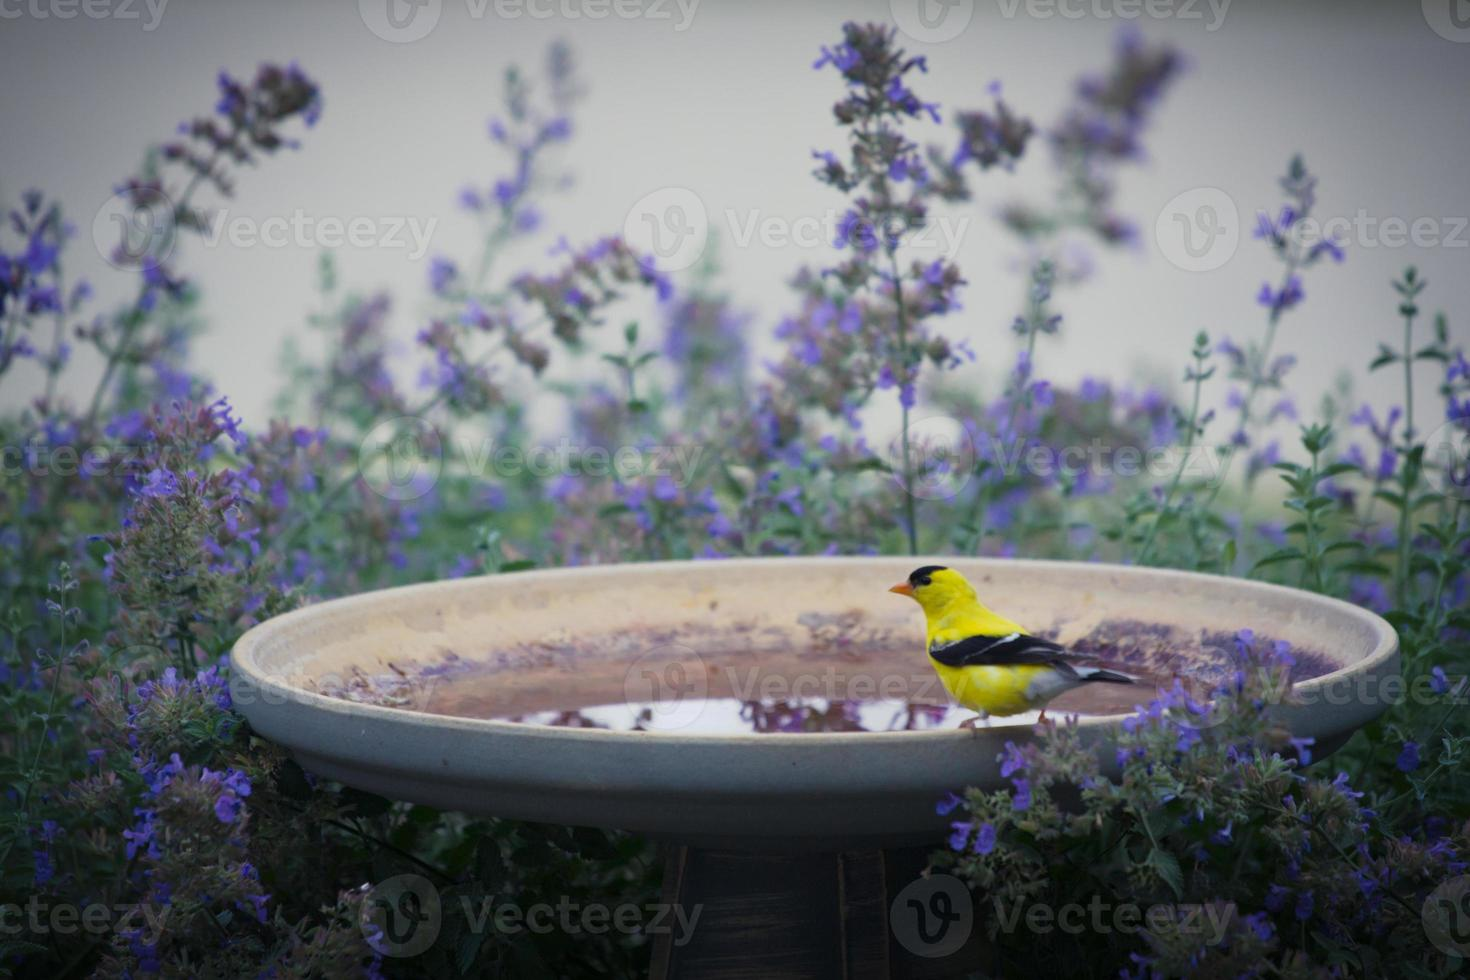 Pintassilgo americano no banho de pássaro foto